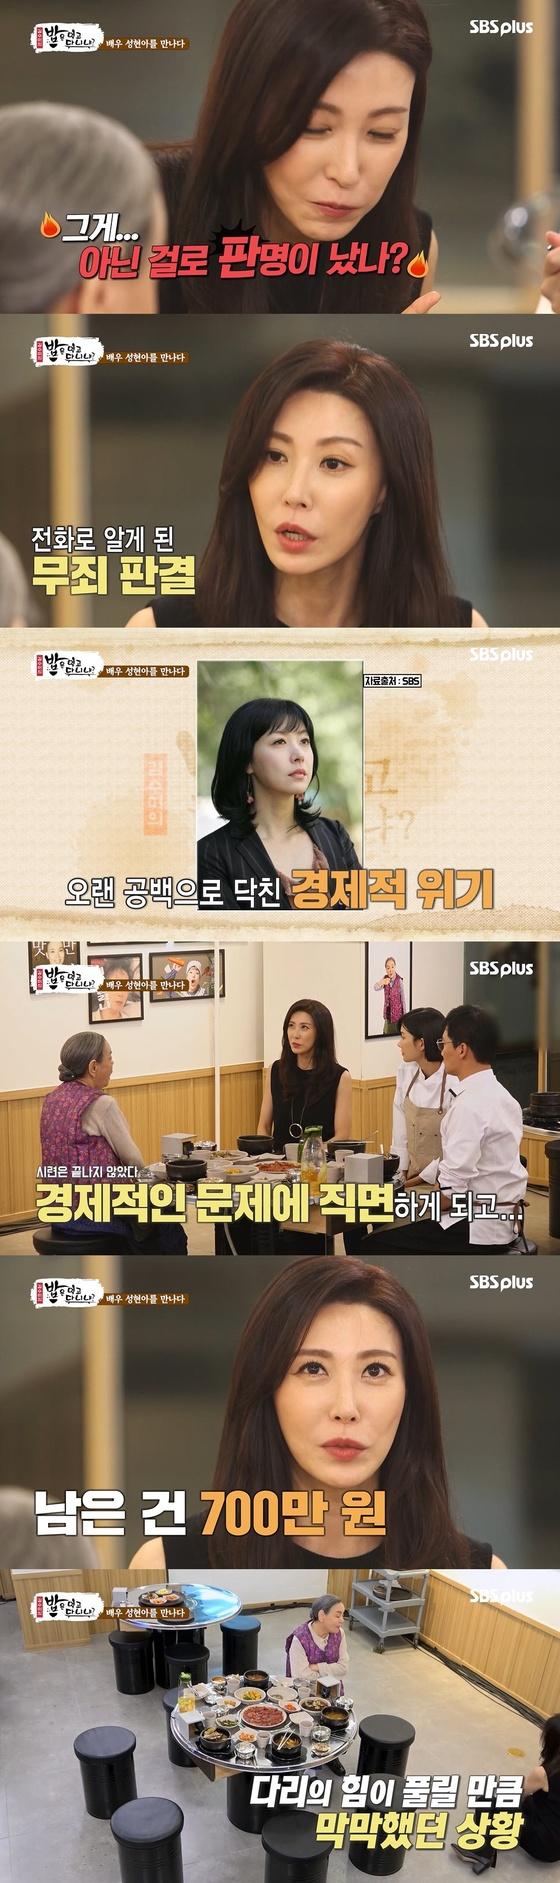 """'밥먹다' 성현아 """"성매매 무죄, 아무도 관심 없더라"""" 눈물 고백"""